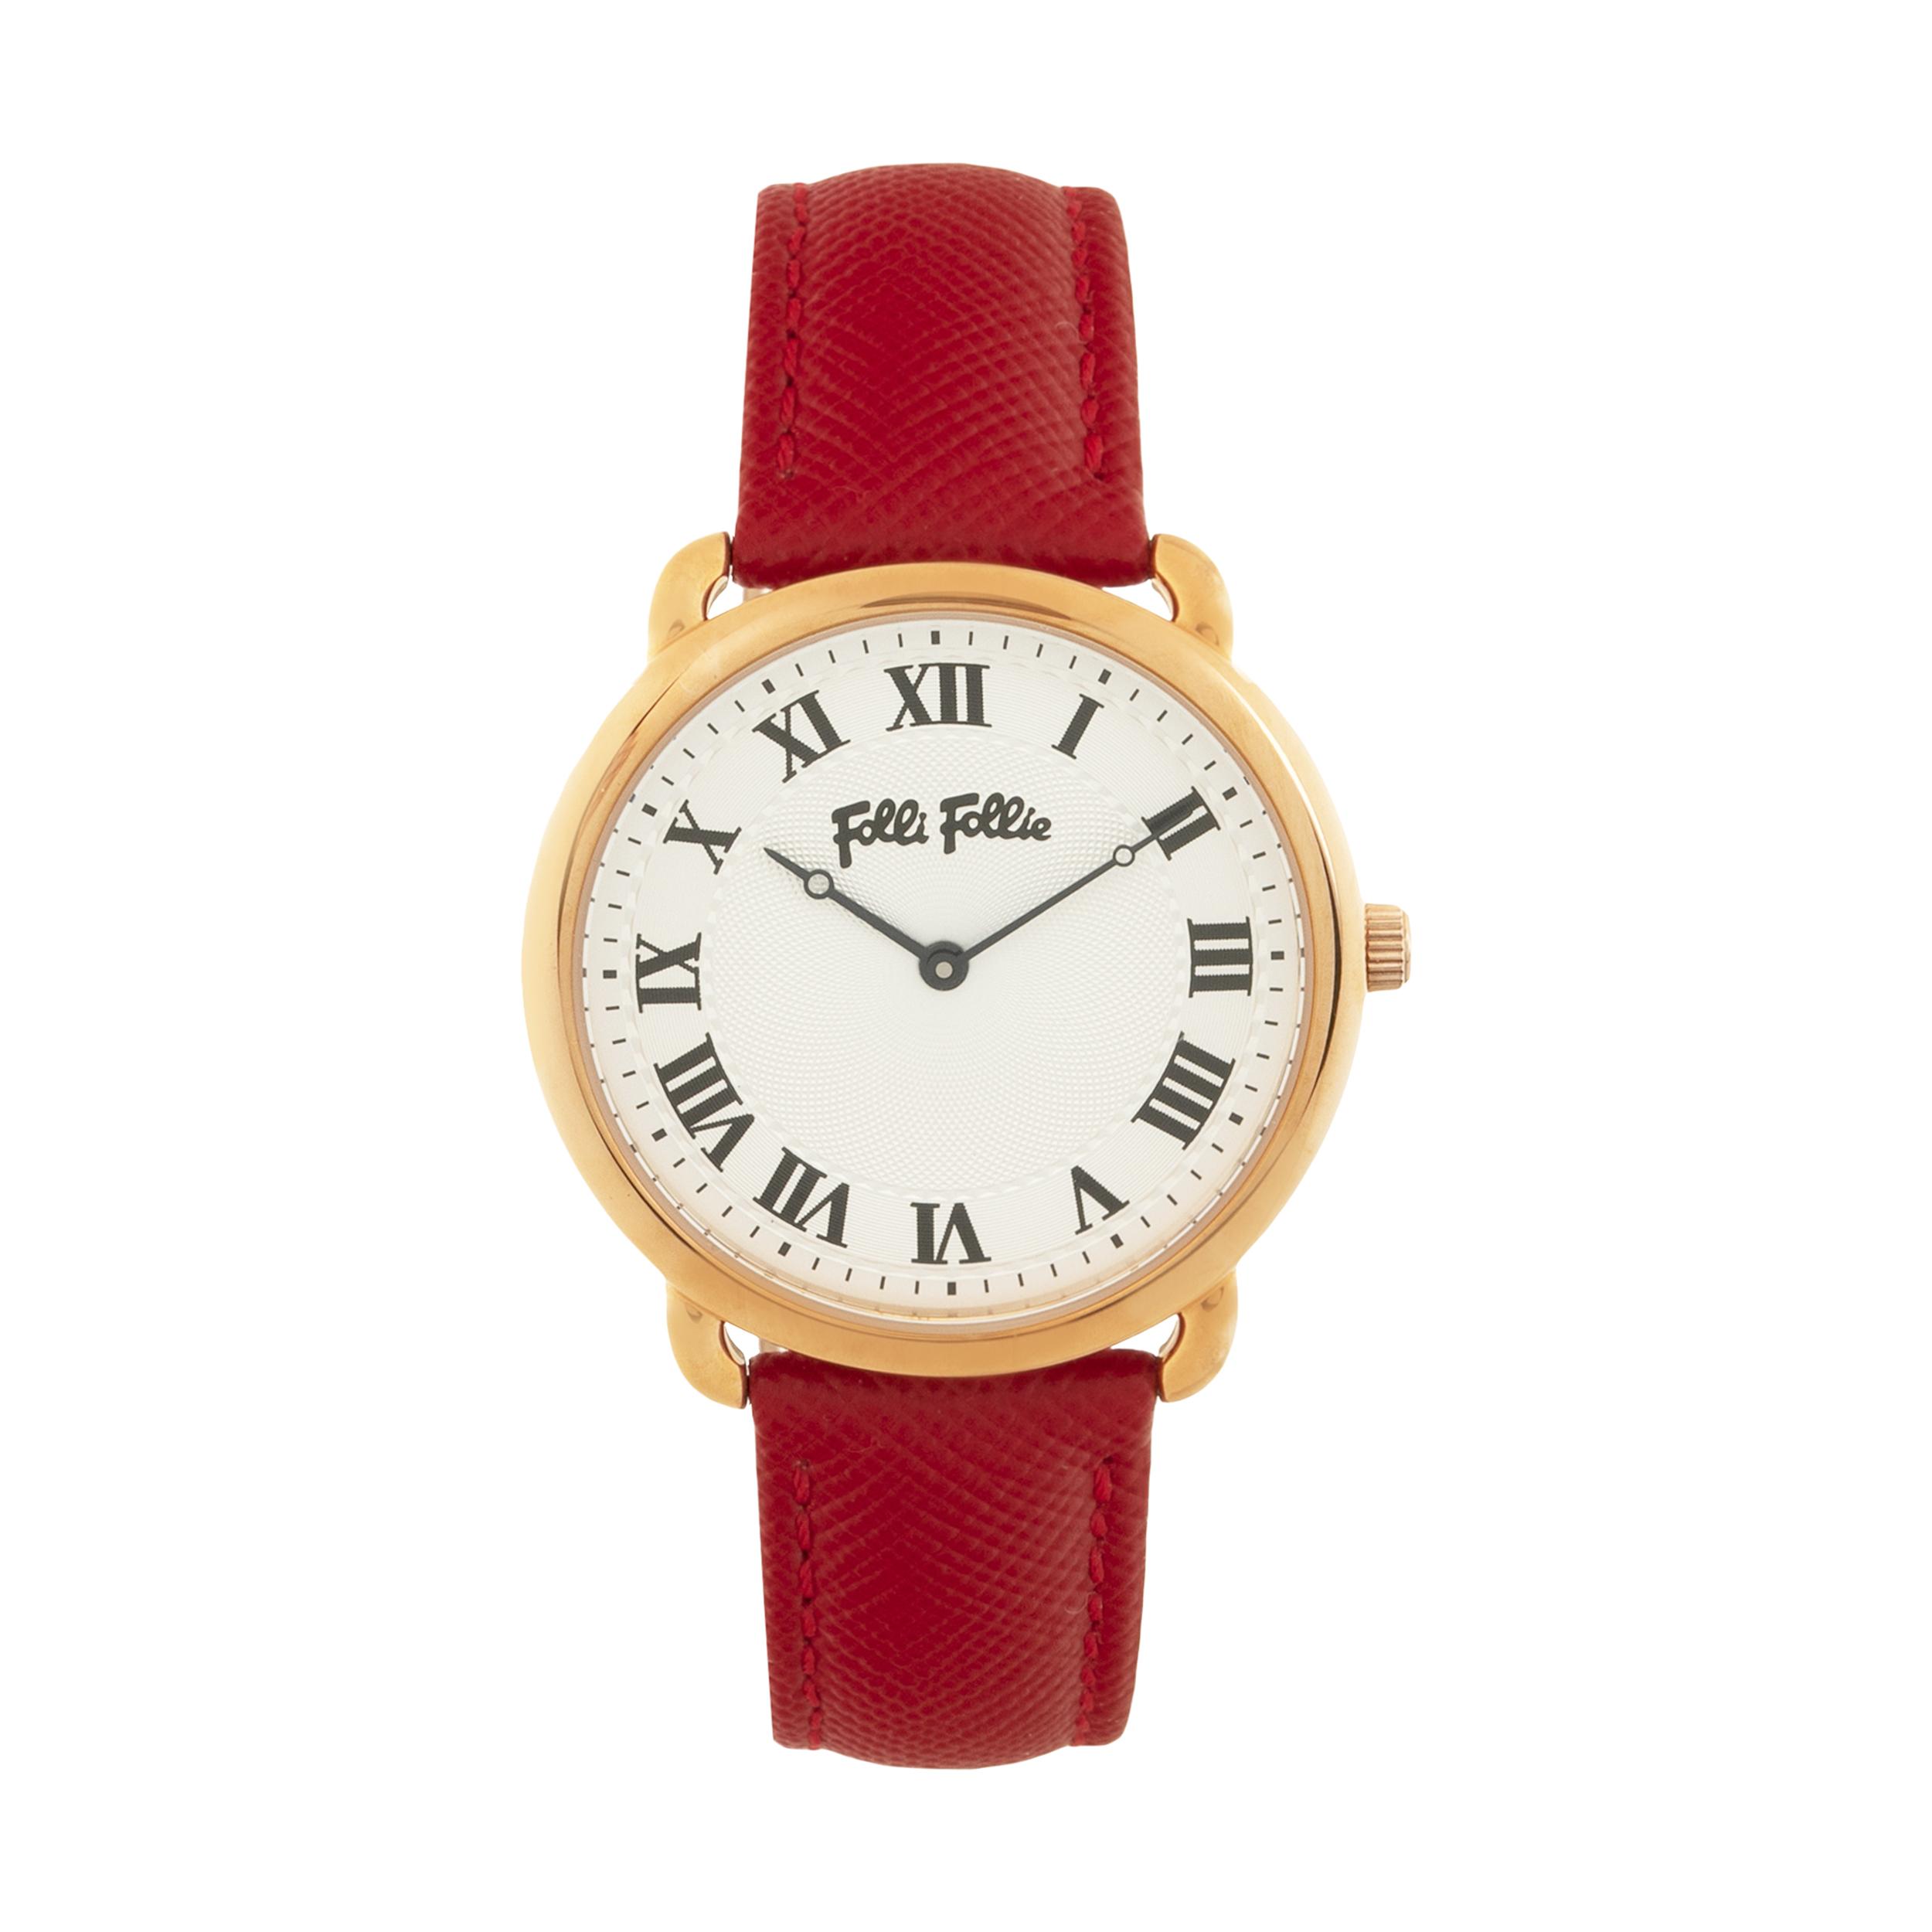 ساعت مچی عقربه ای زنانه فولی فولیه مدل WF16R013SP-RE (بدون جعبه اورجینال)              خرید (⭐️⭐️⭐️)